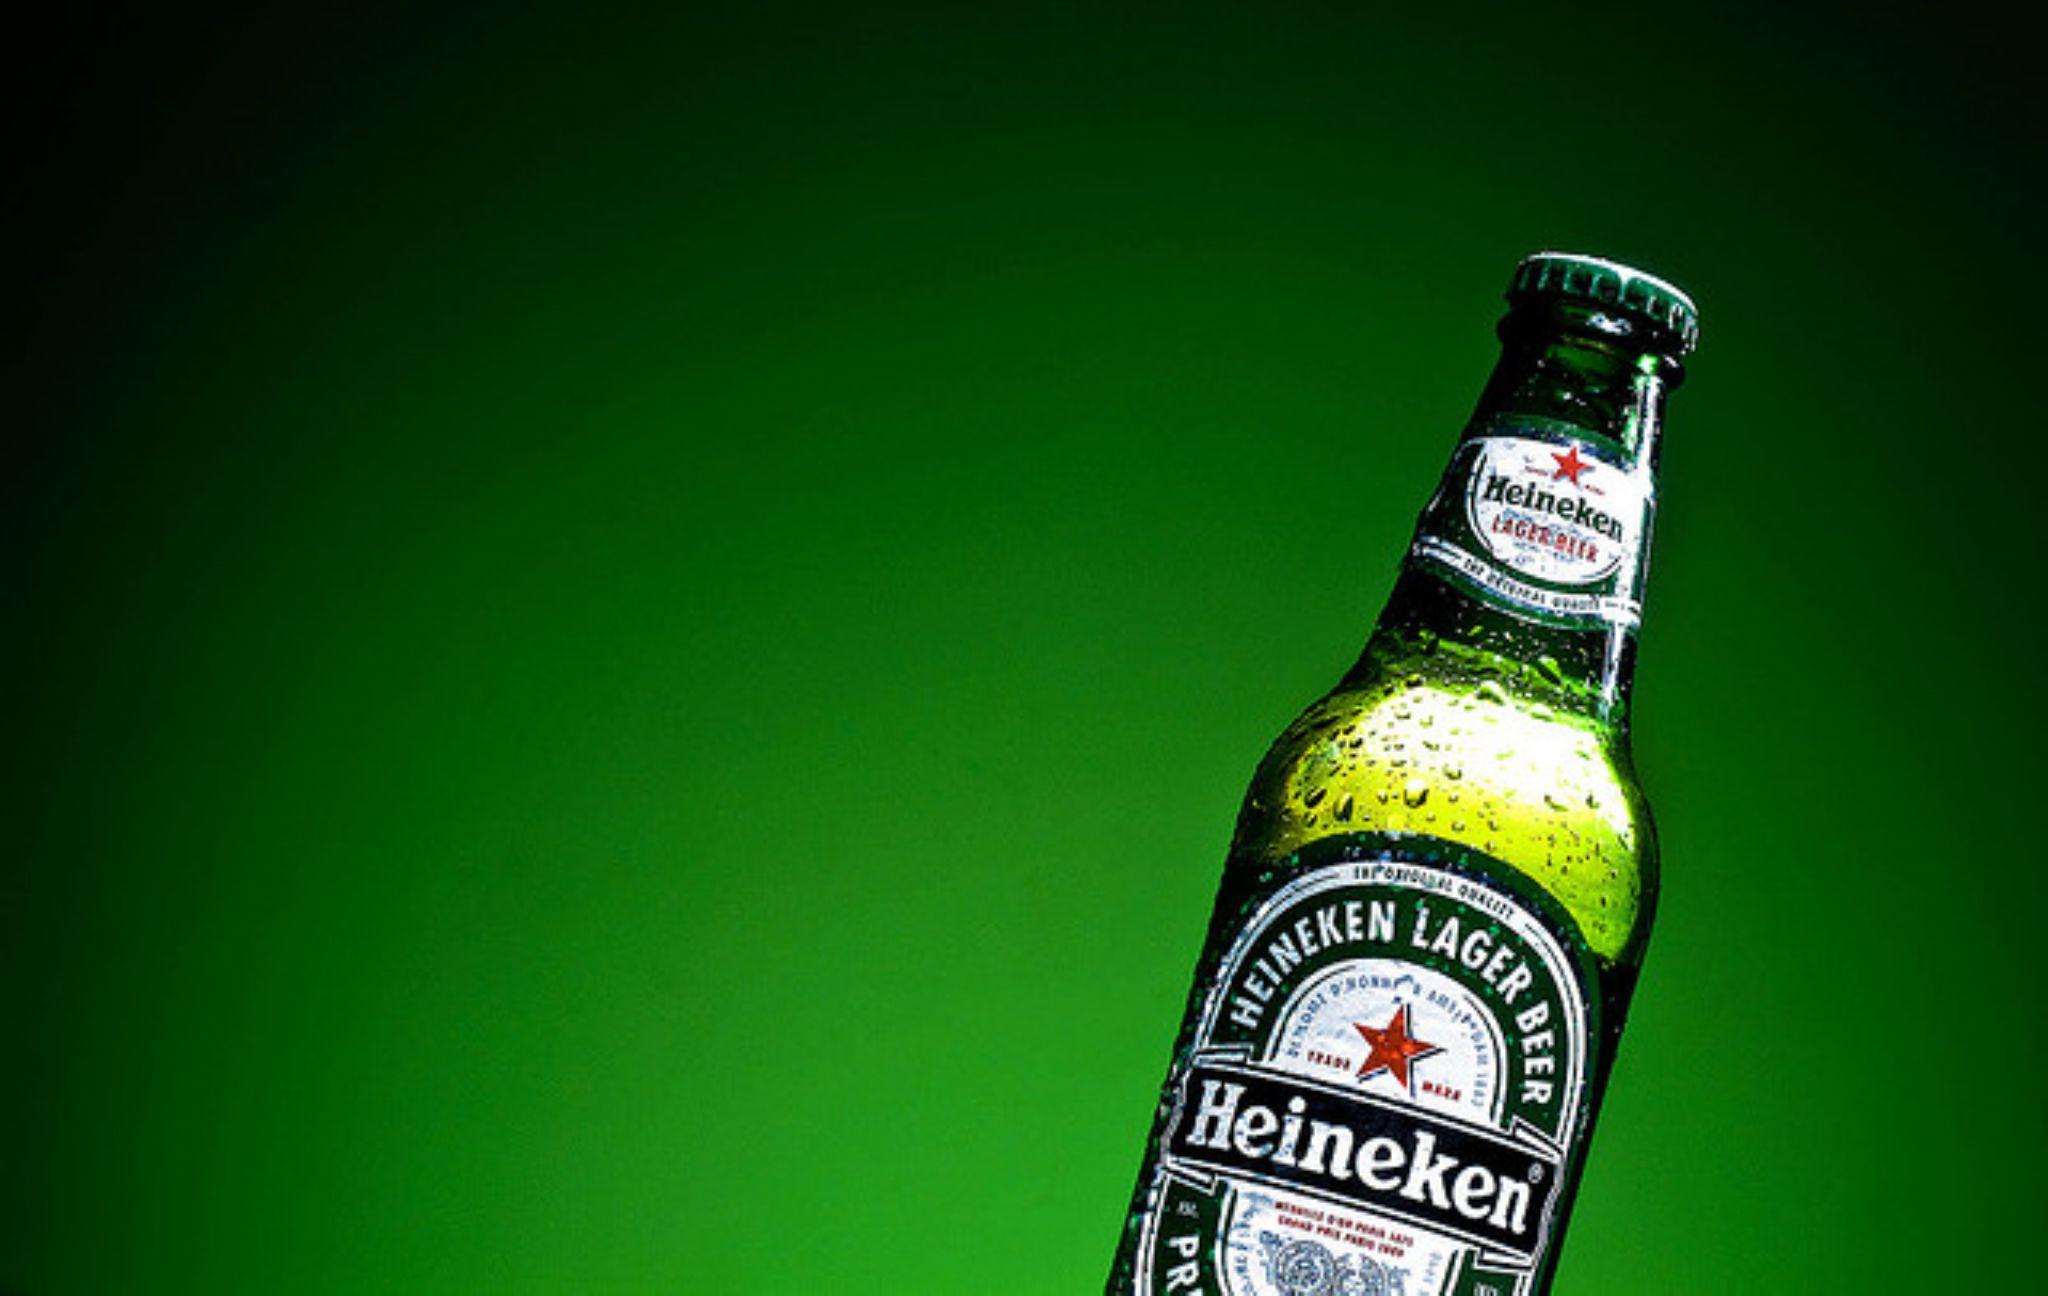 Heineken by ducato